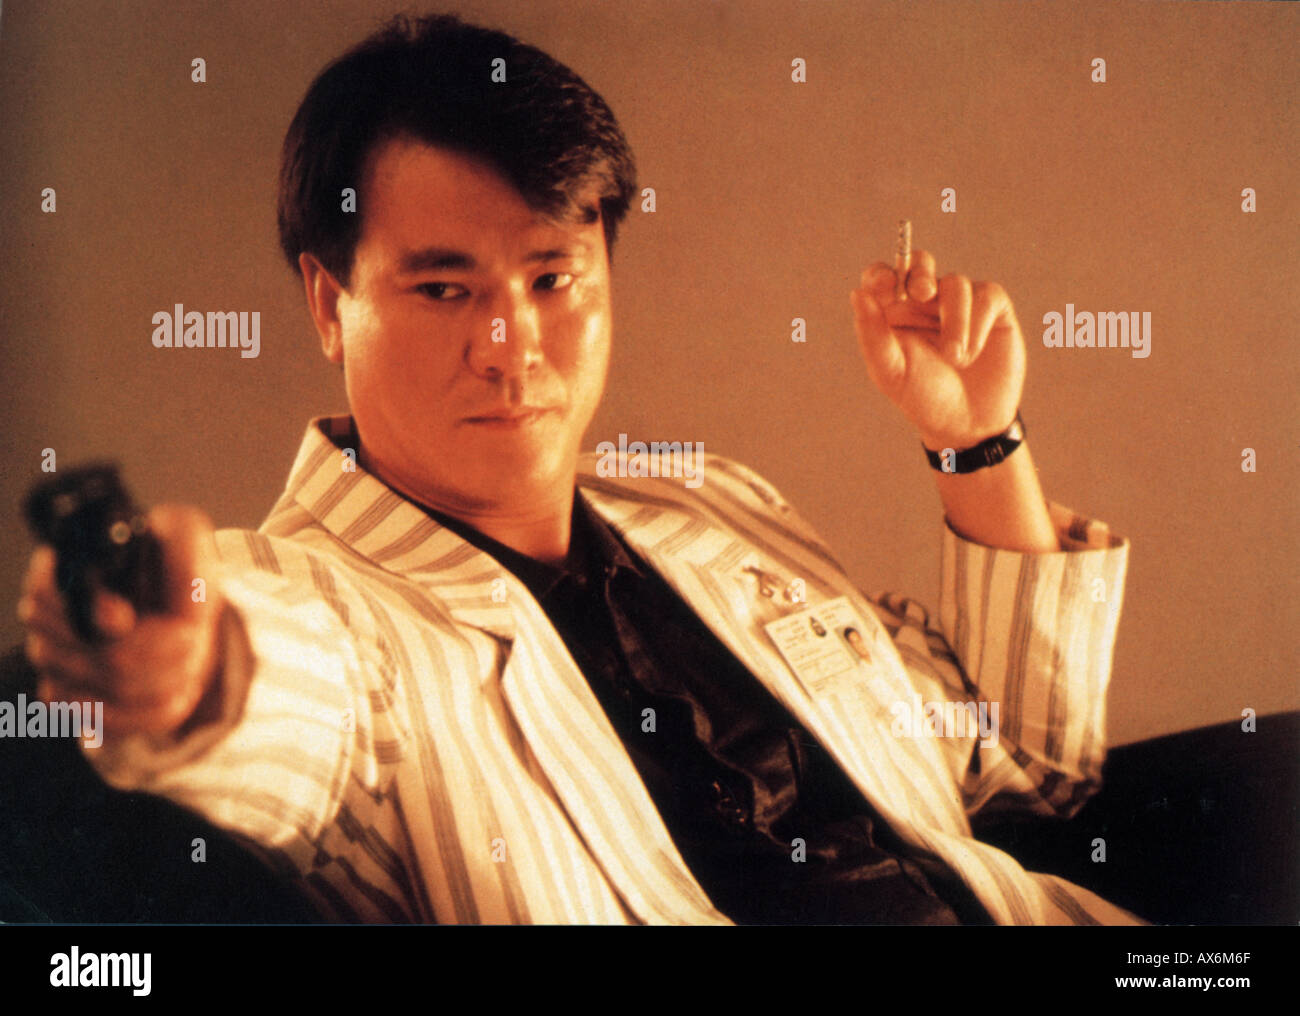 Il killer 1989 Palace film con Chow Yun-Fat Immagini Stock